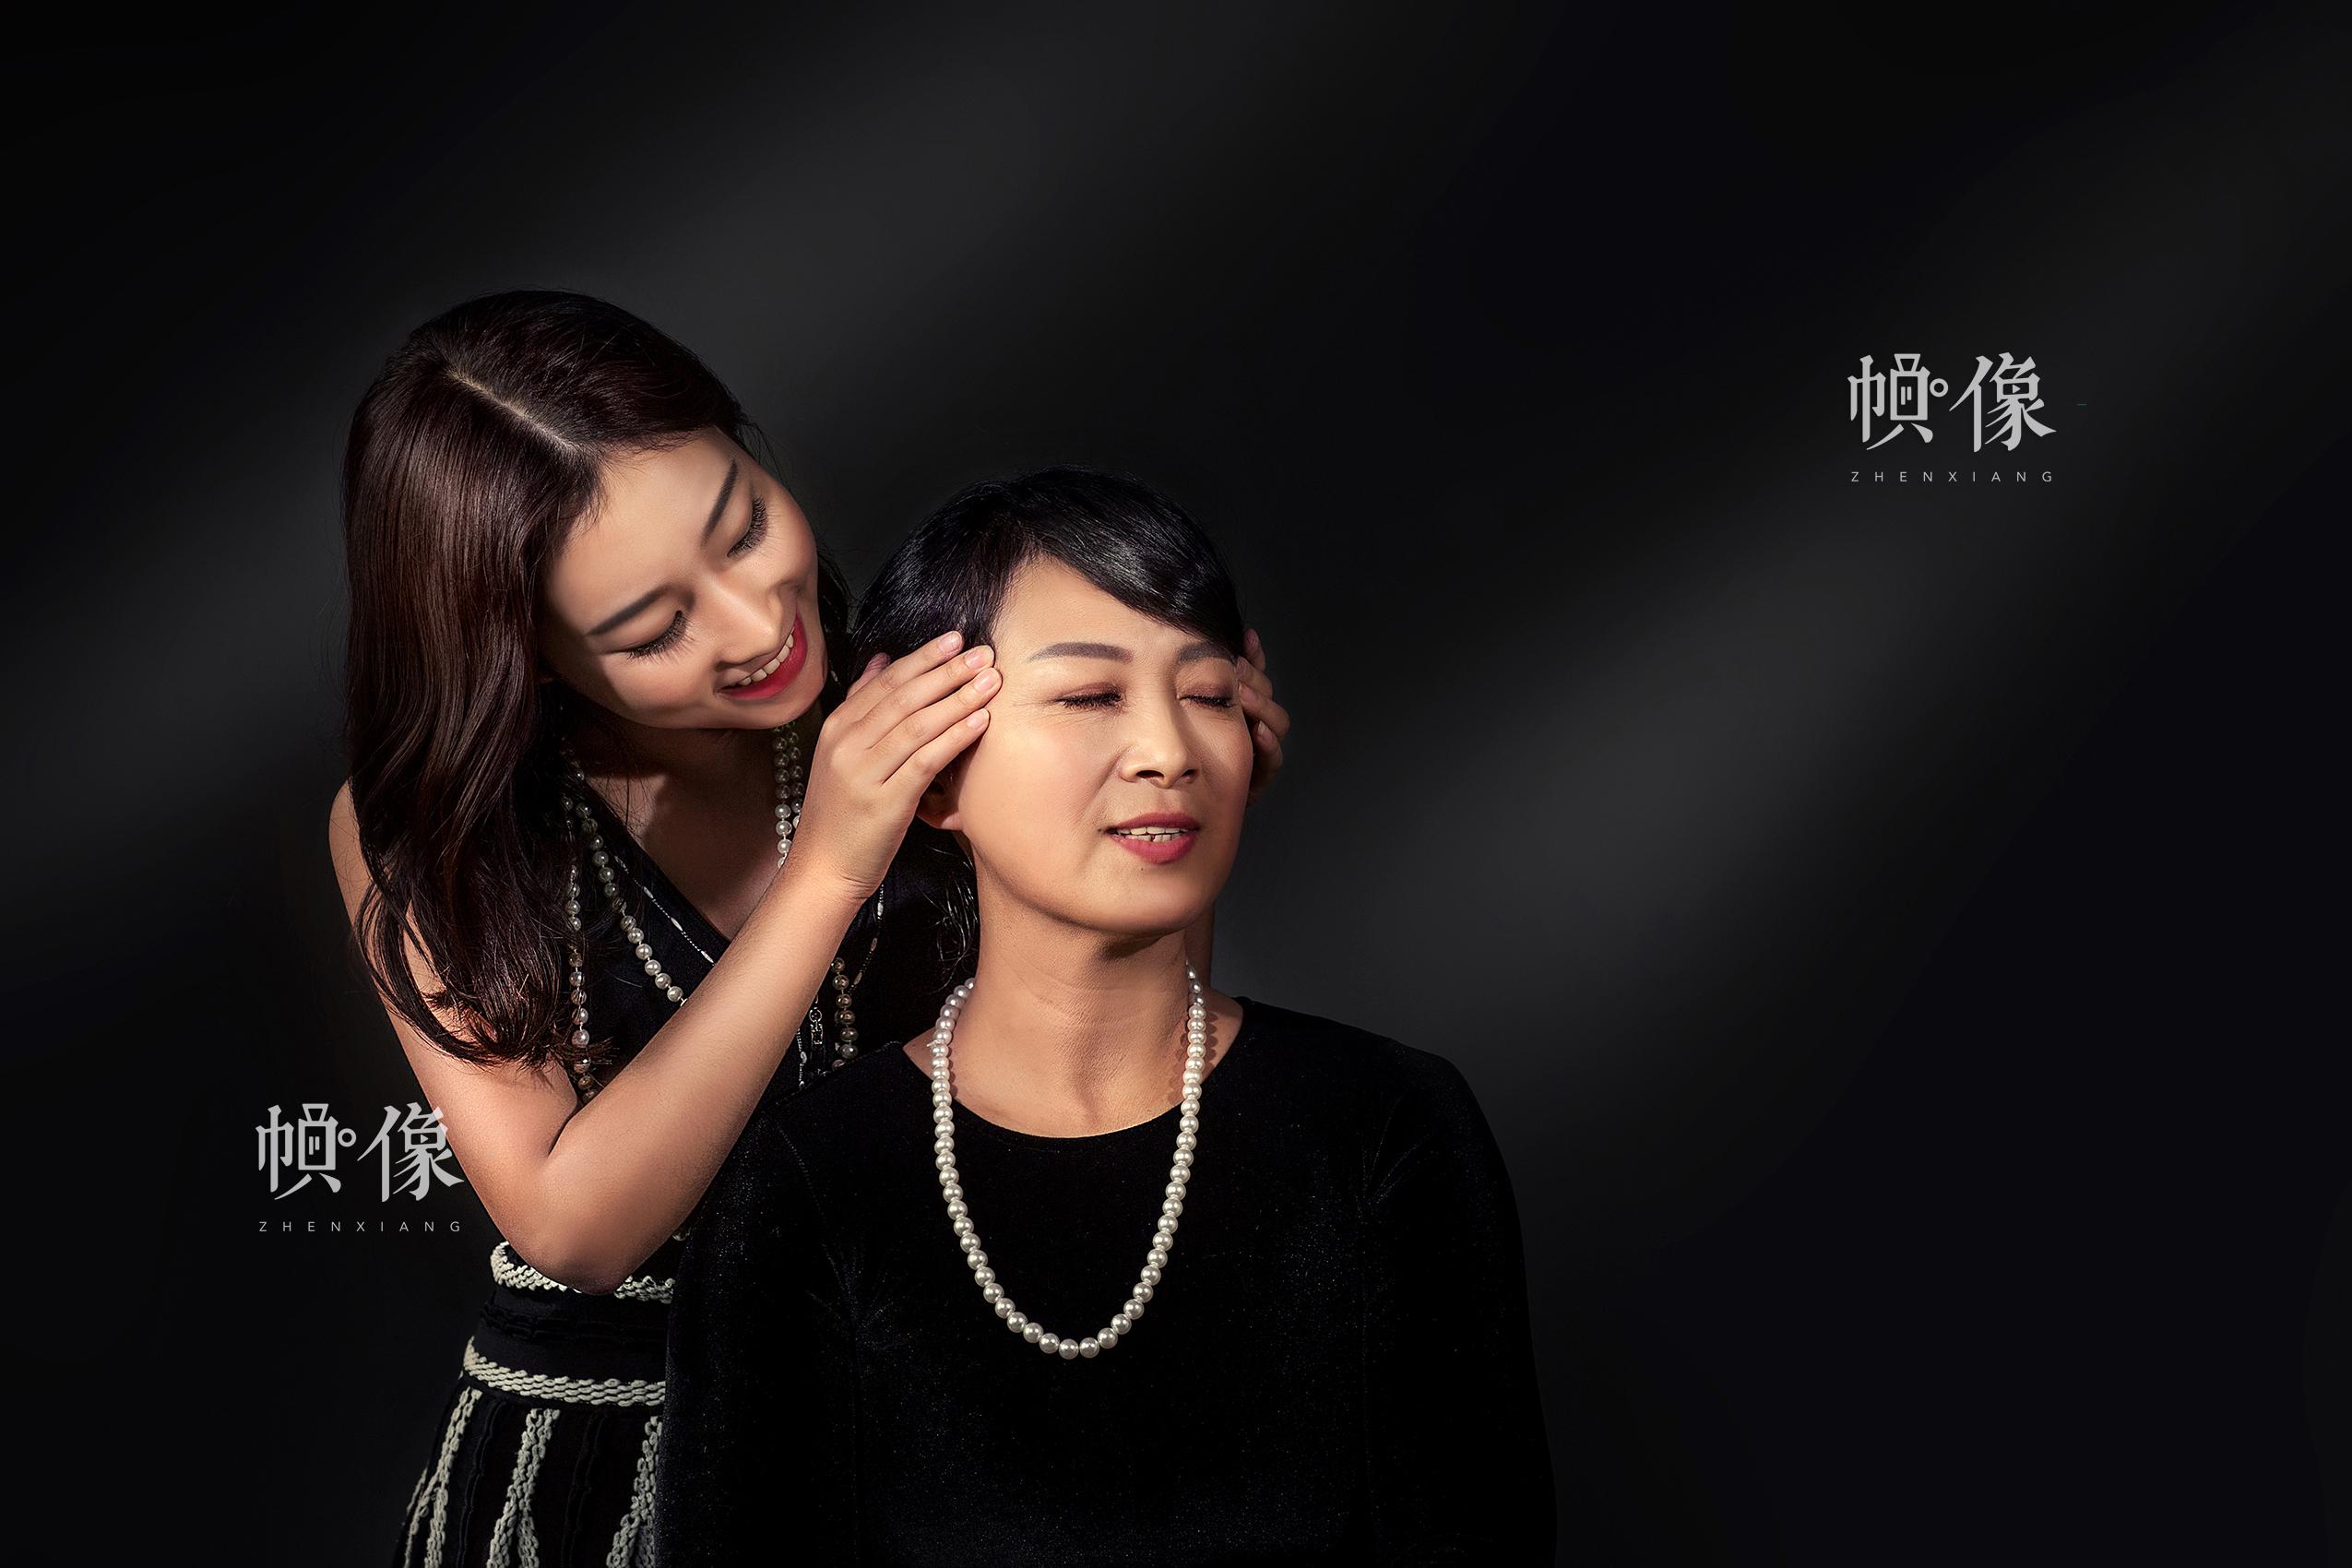 """一对母女参加了Face Memo儿童摄影在母亲节活动组织的""""爱要大声说出来""""的活动。Face Memo儿童摄影供图"""